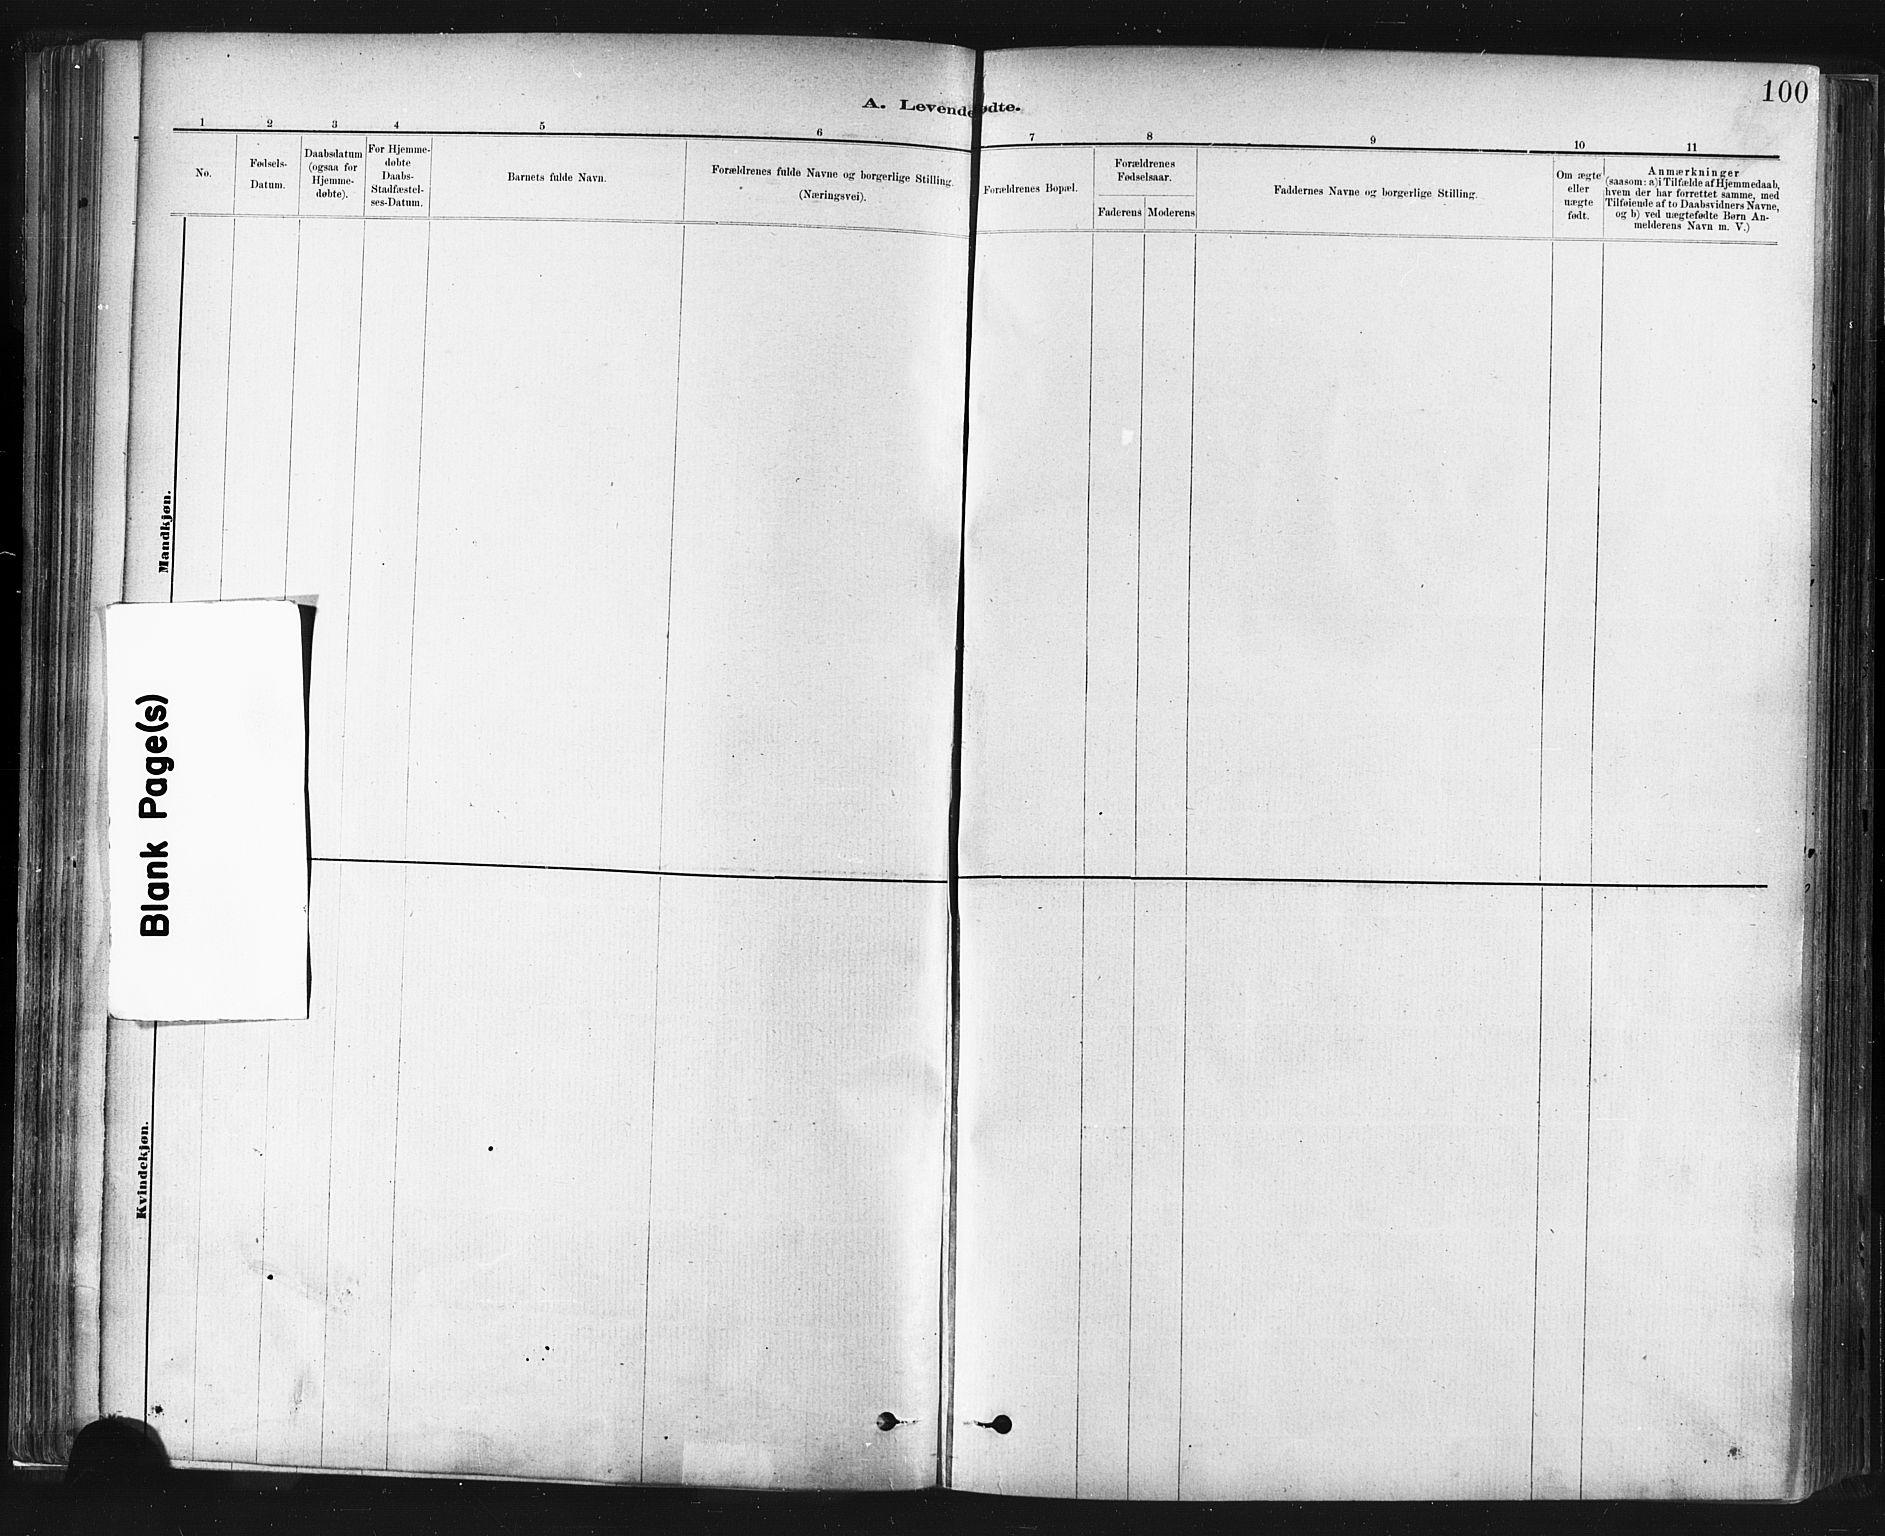 SAT, Ministerialprotokoller, klokkerbøker og fødselsregistre - Sør-Trøndelag, 672/L0857: Ministerialbok nr. 672A09, 1882-1893, s. 100